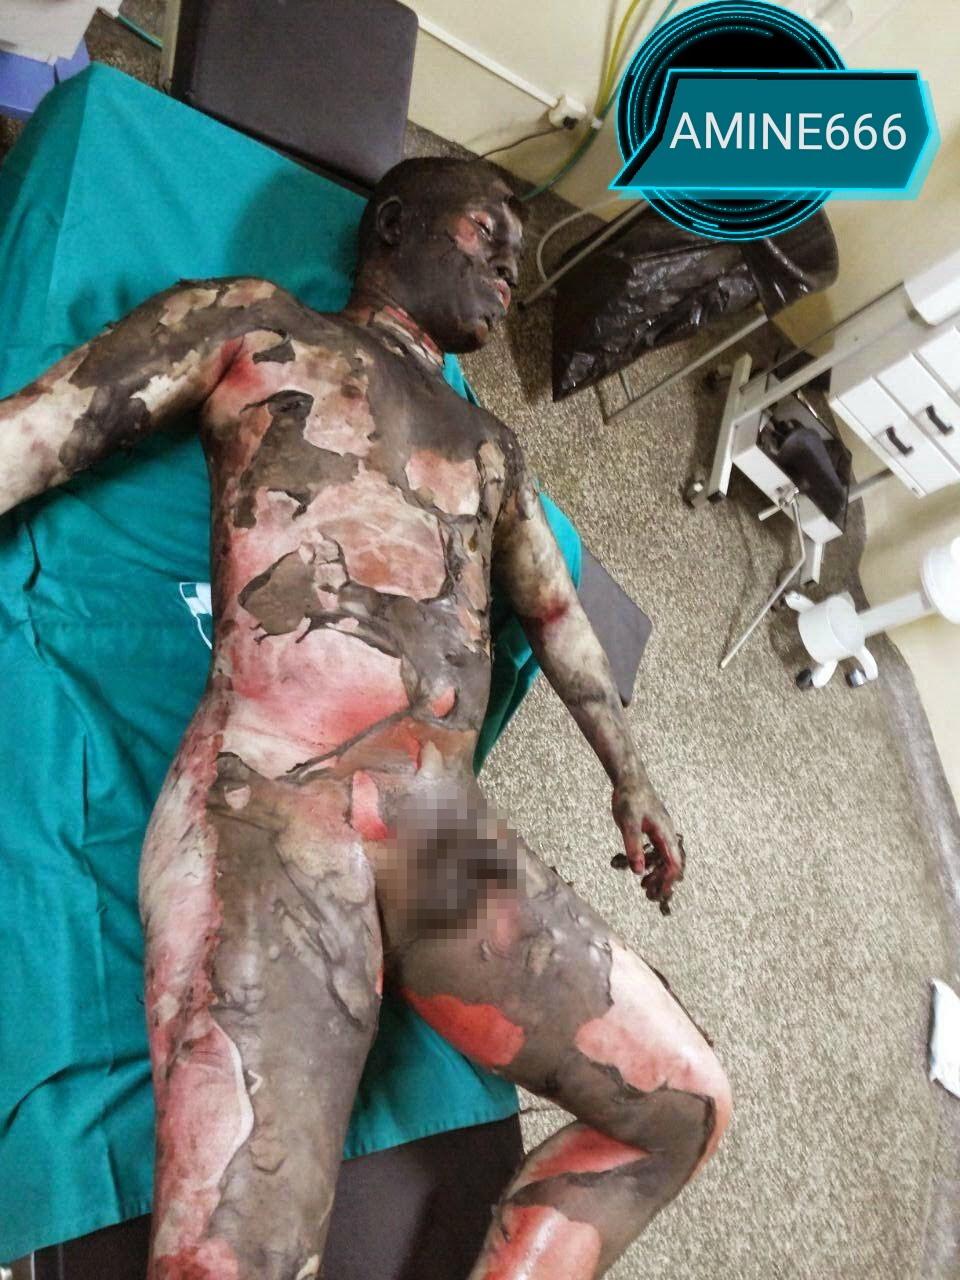 【閲覧注意】浮気した夫、愛人と共にガソリンかけられ燃やされる・・・(画像)・3枚目